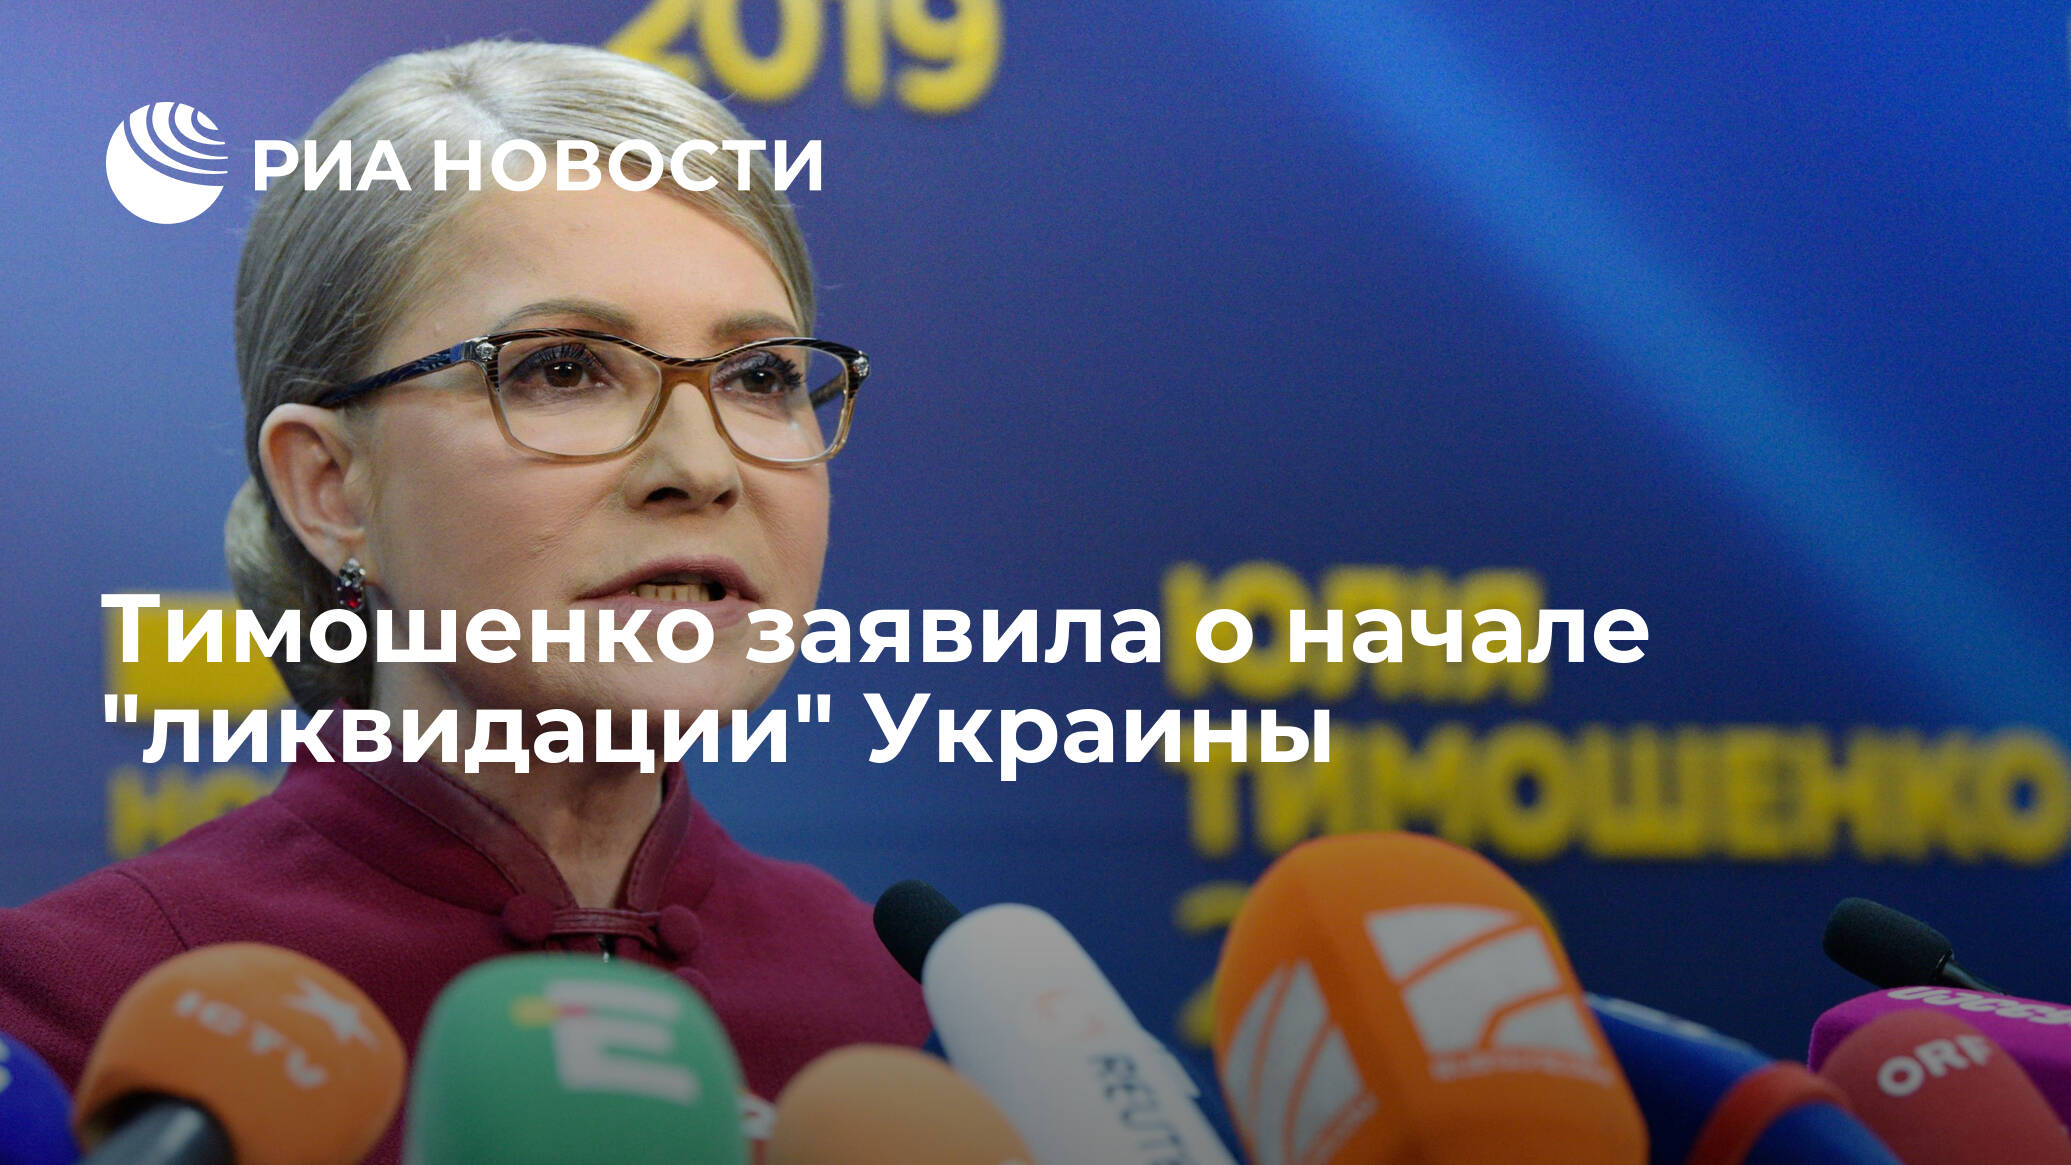 """Тимошенко заявила о начале """"ликвидации"""" Украины - РИА Новости, 19.01.2020"""